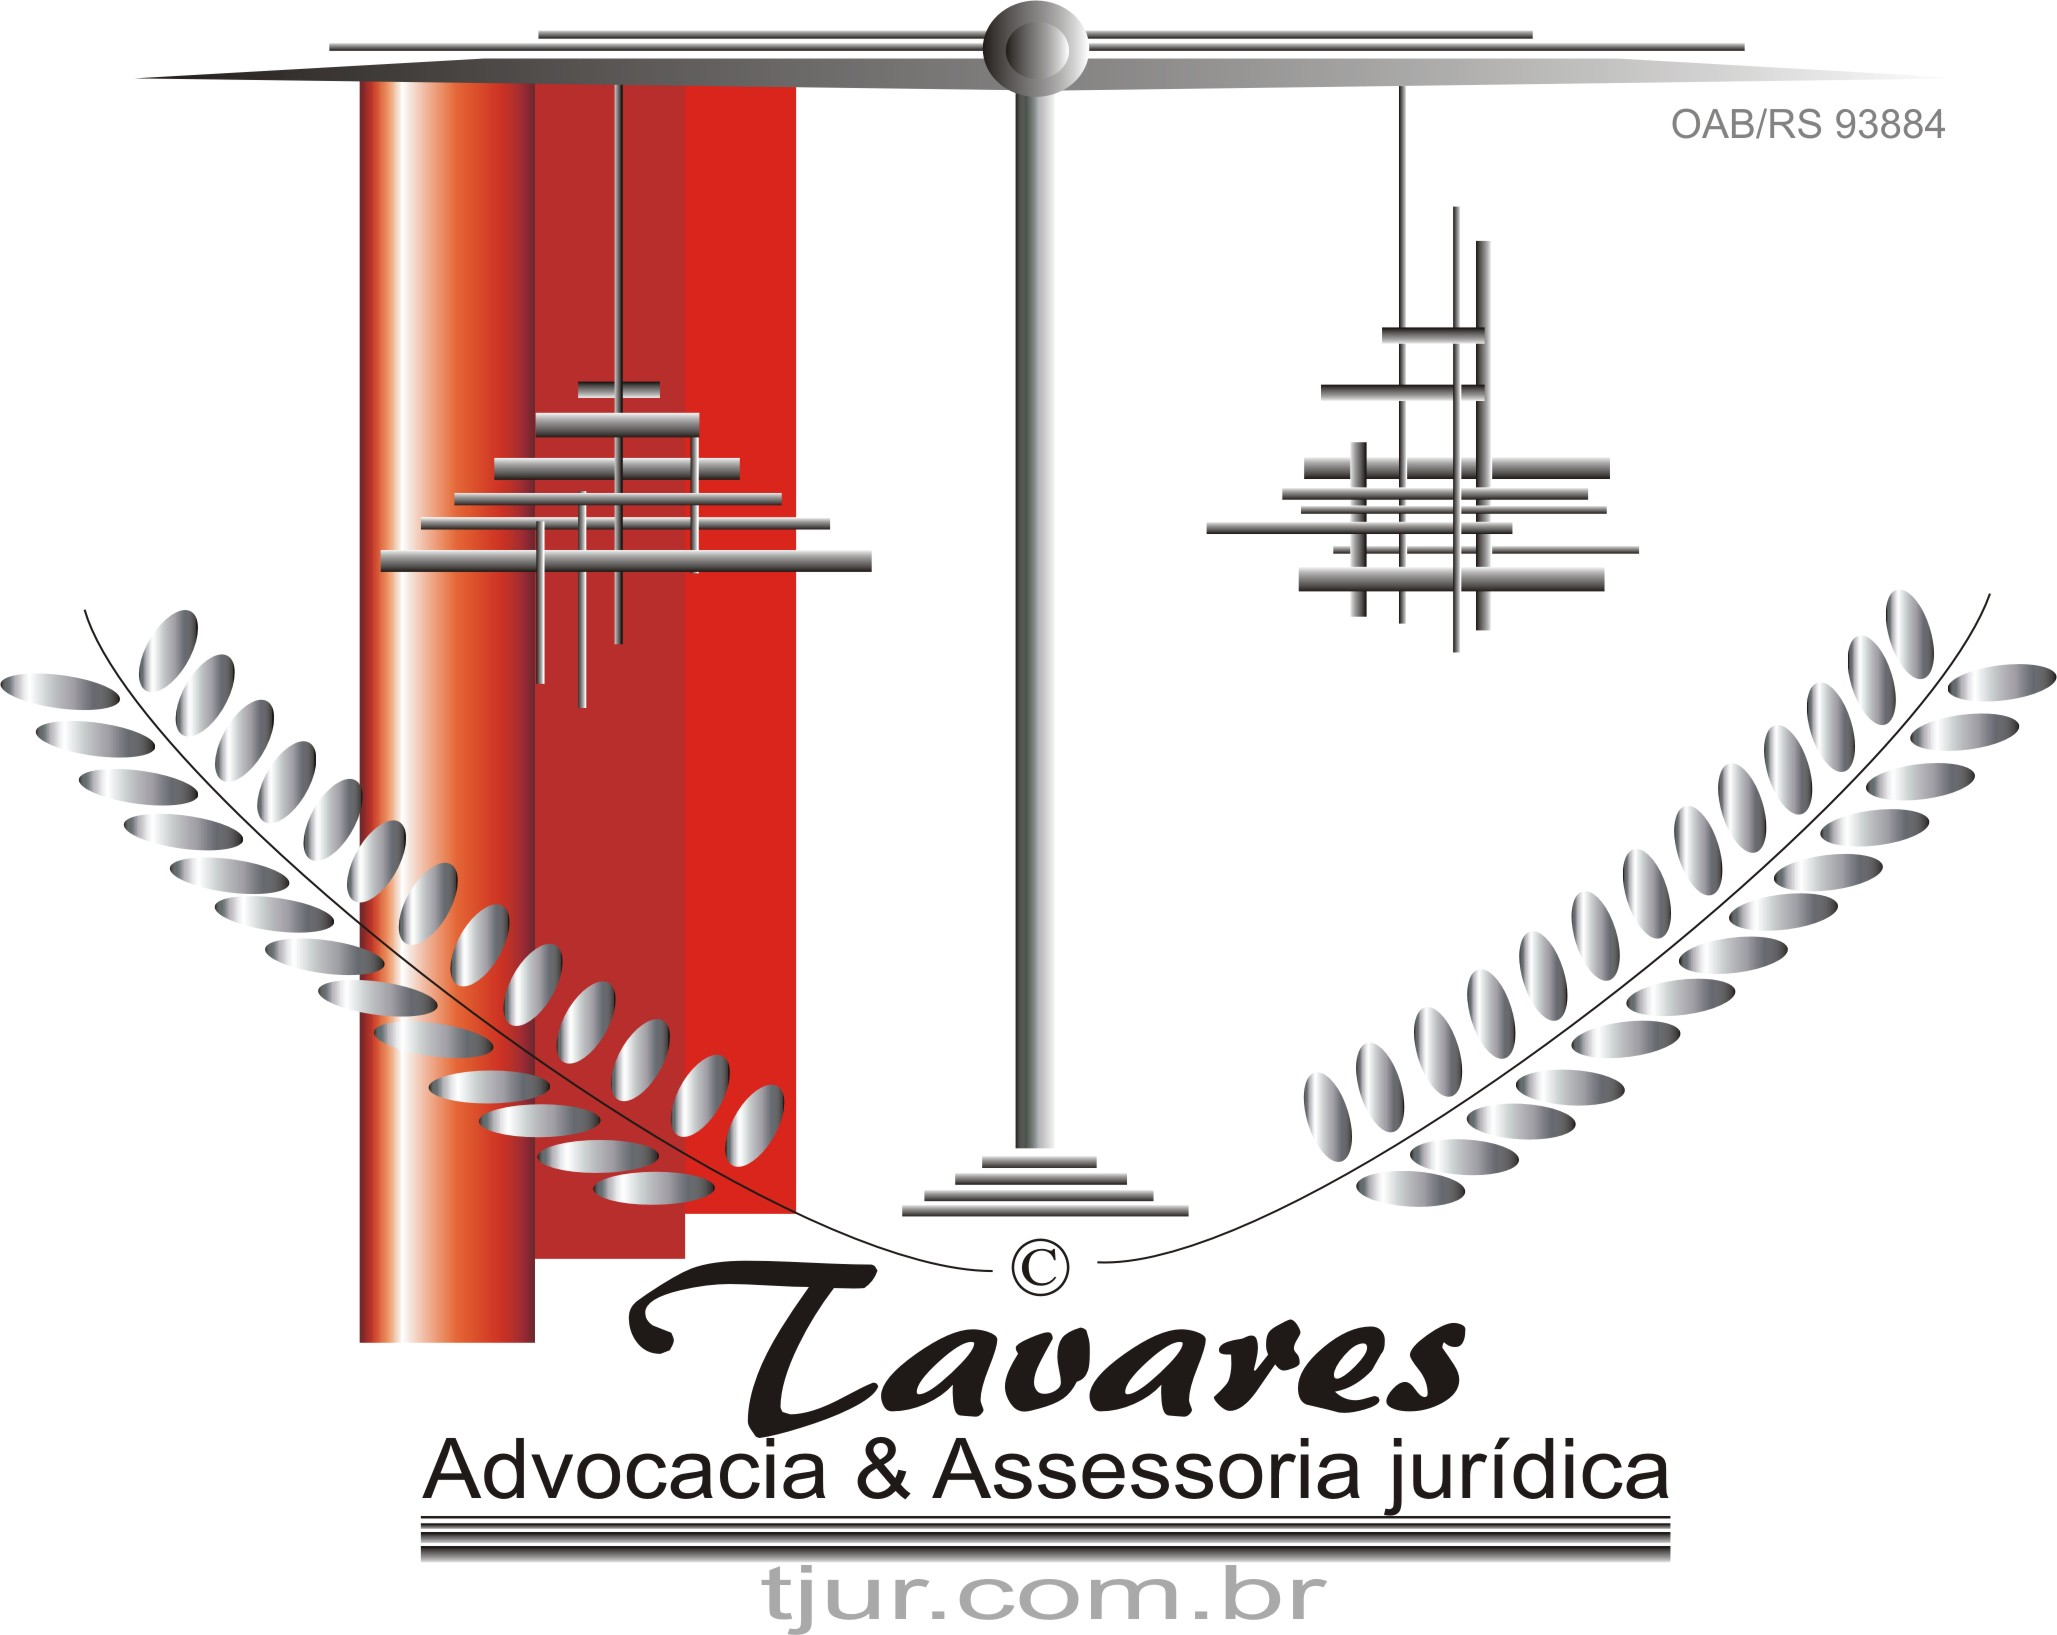 Tavares logo